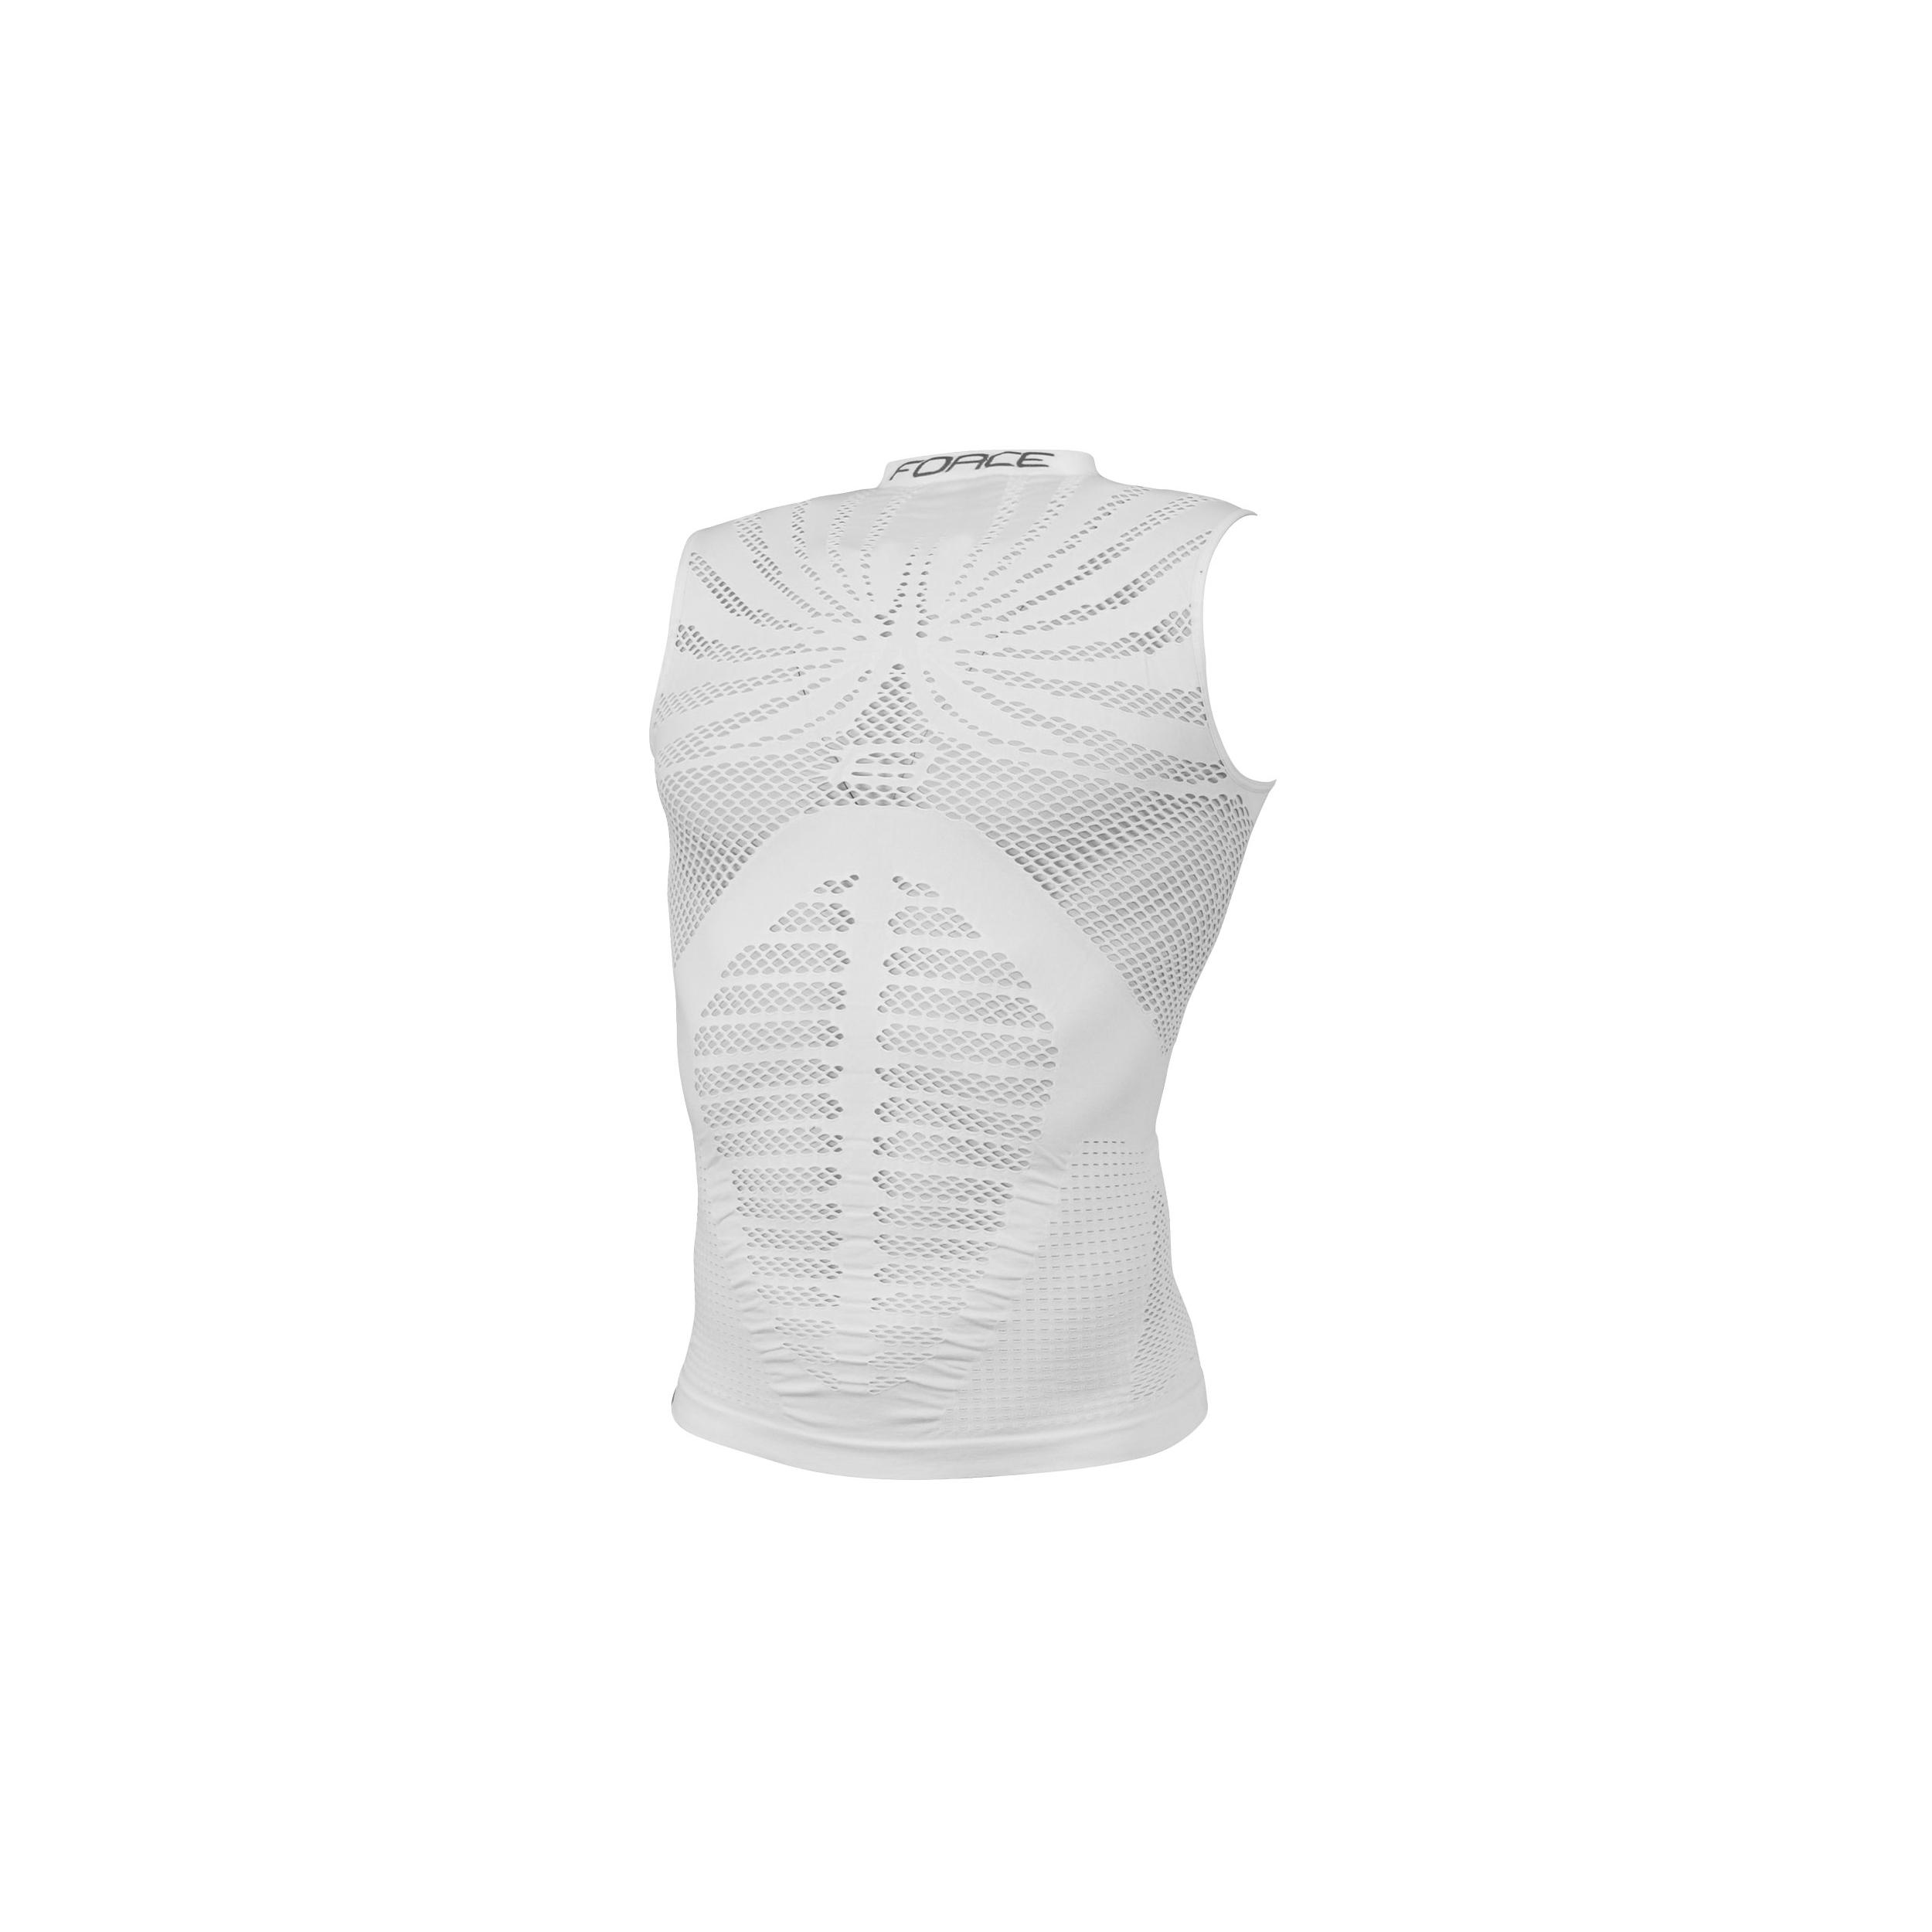 Triko/Funkční prádlo FORCE HOT bez rukávů, bílé S-M